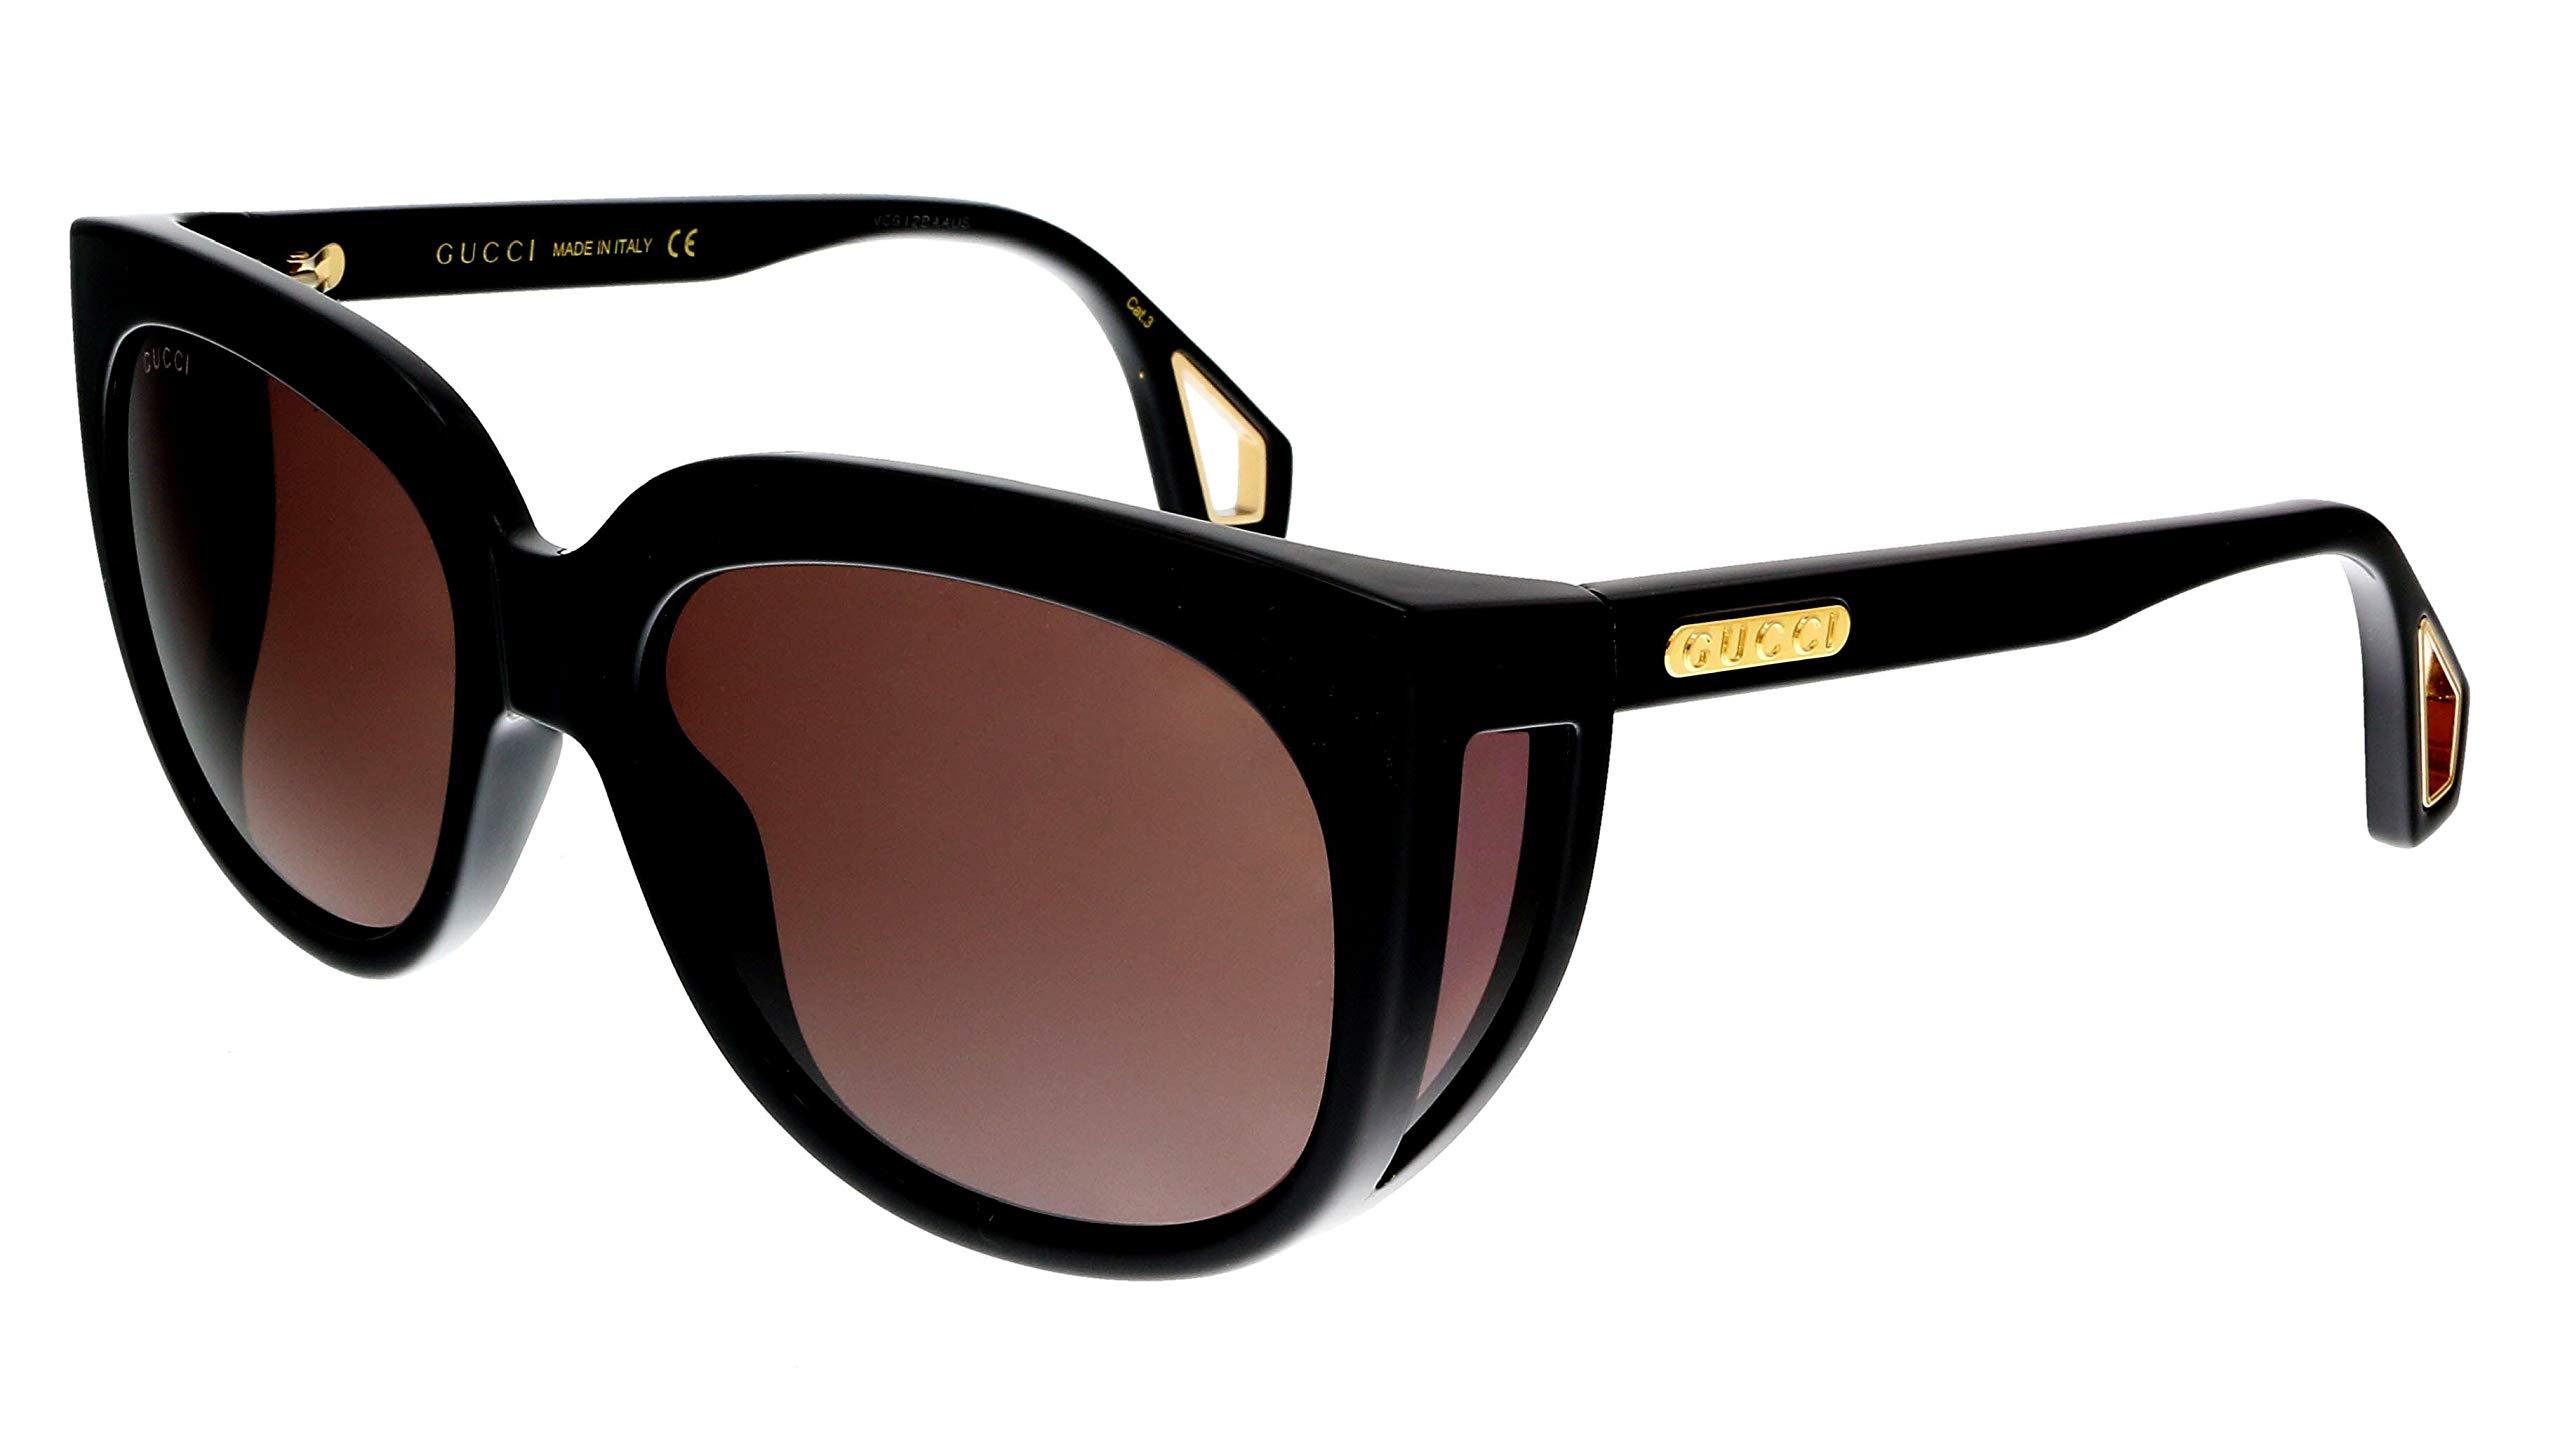 Sunglasses Gucci GG 0468 S- 001 BLACK/BROWN by Gucci